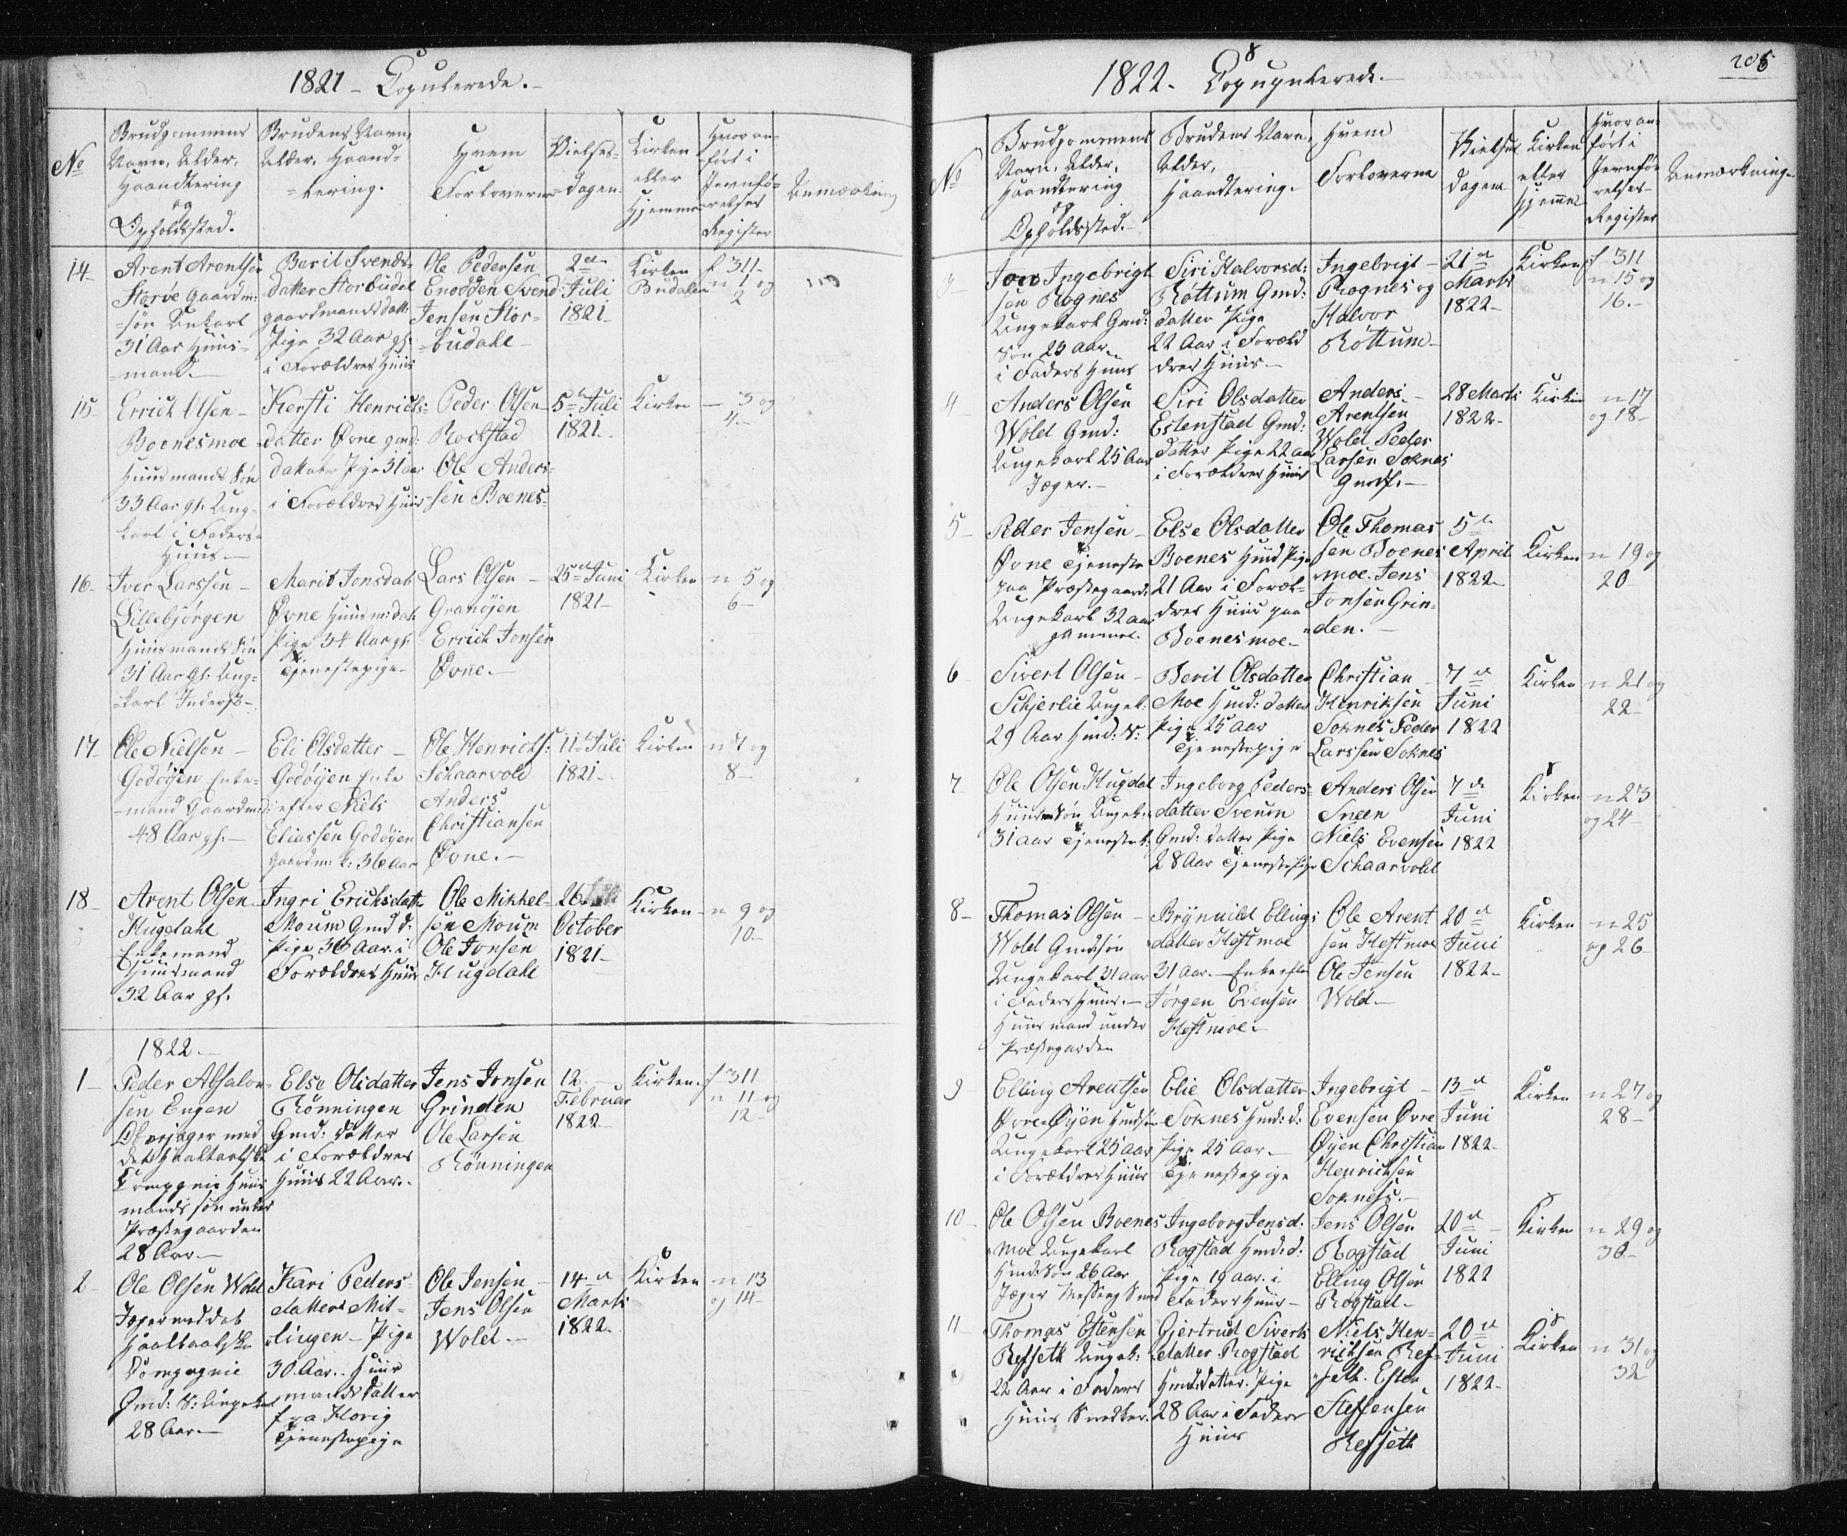 SAT, Ministerialprotokoller, klokkerbøker og fødselsregistre - Sør-Trøndelag, 687/L1017: Klokkerbok nr. 687C01, 1816-1837, s. 206